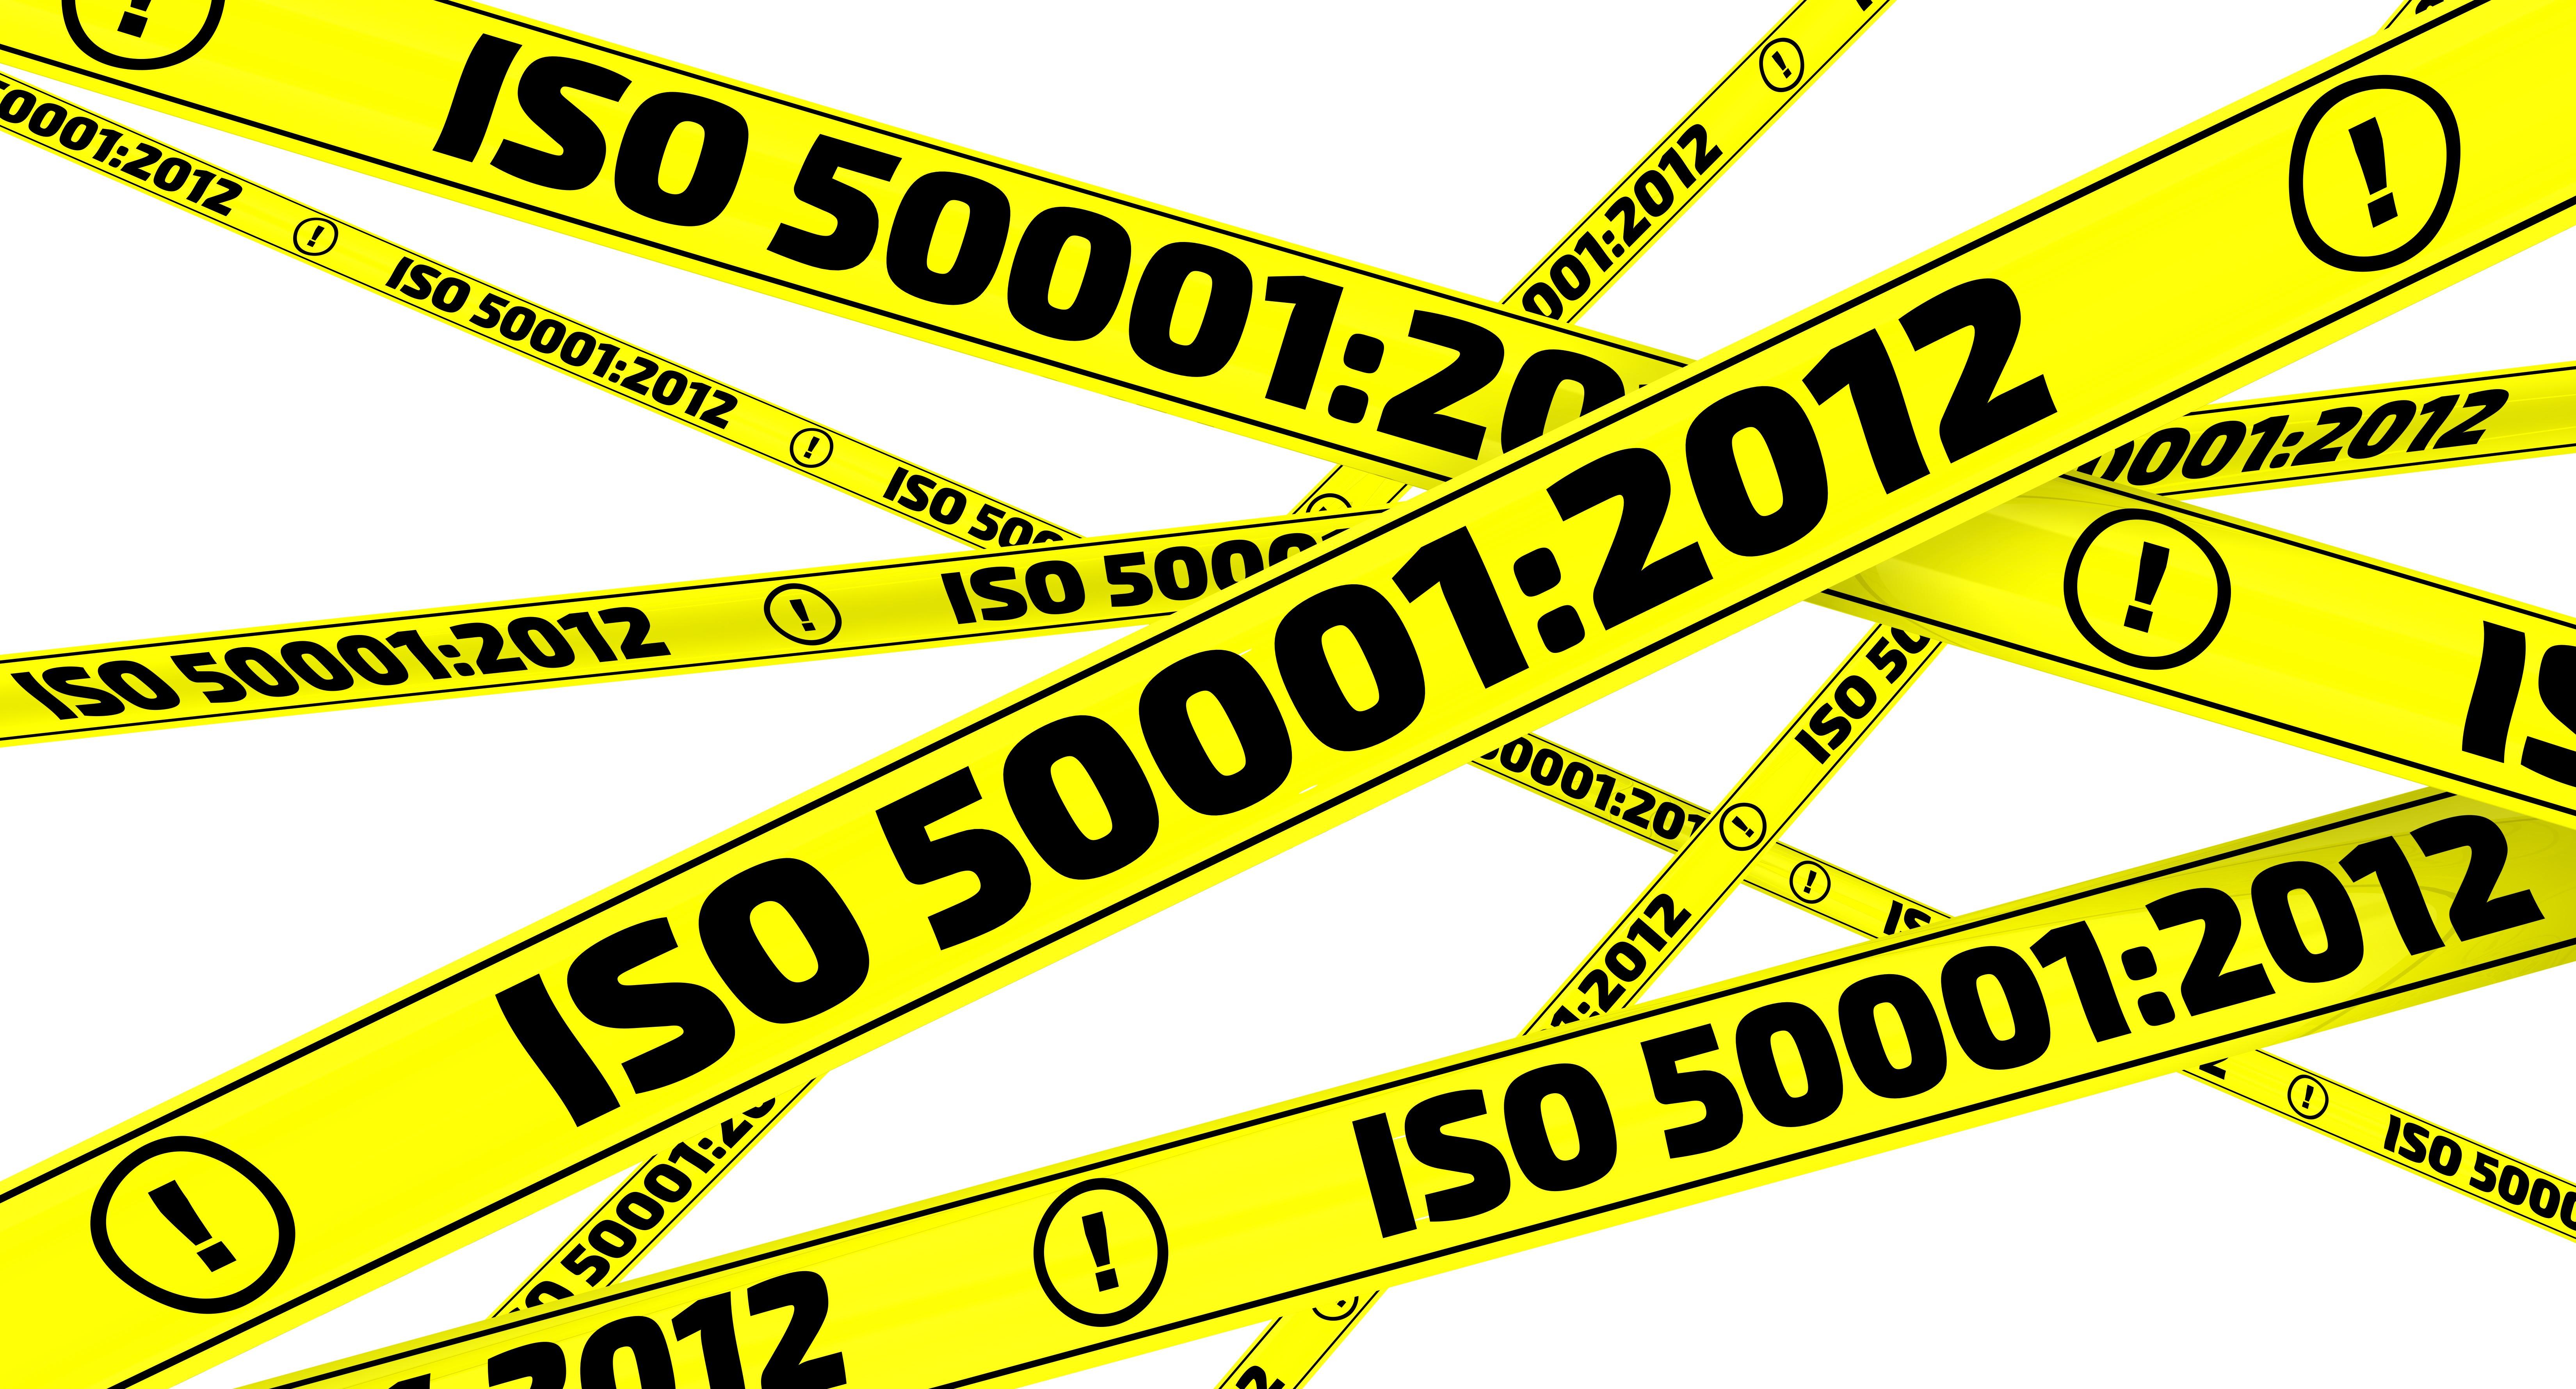 Die ISO 50001 unterstützt Betriebe, die Einsparpotentiale nutzen wollen, bei der Realisierung eines Energiemanagementsystems. Bild: Waldemarus / shutterstock.com